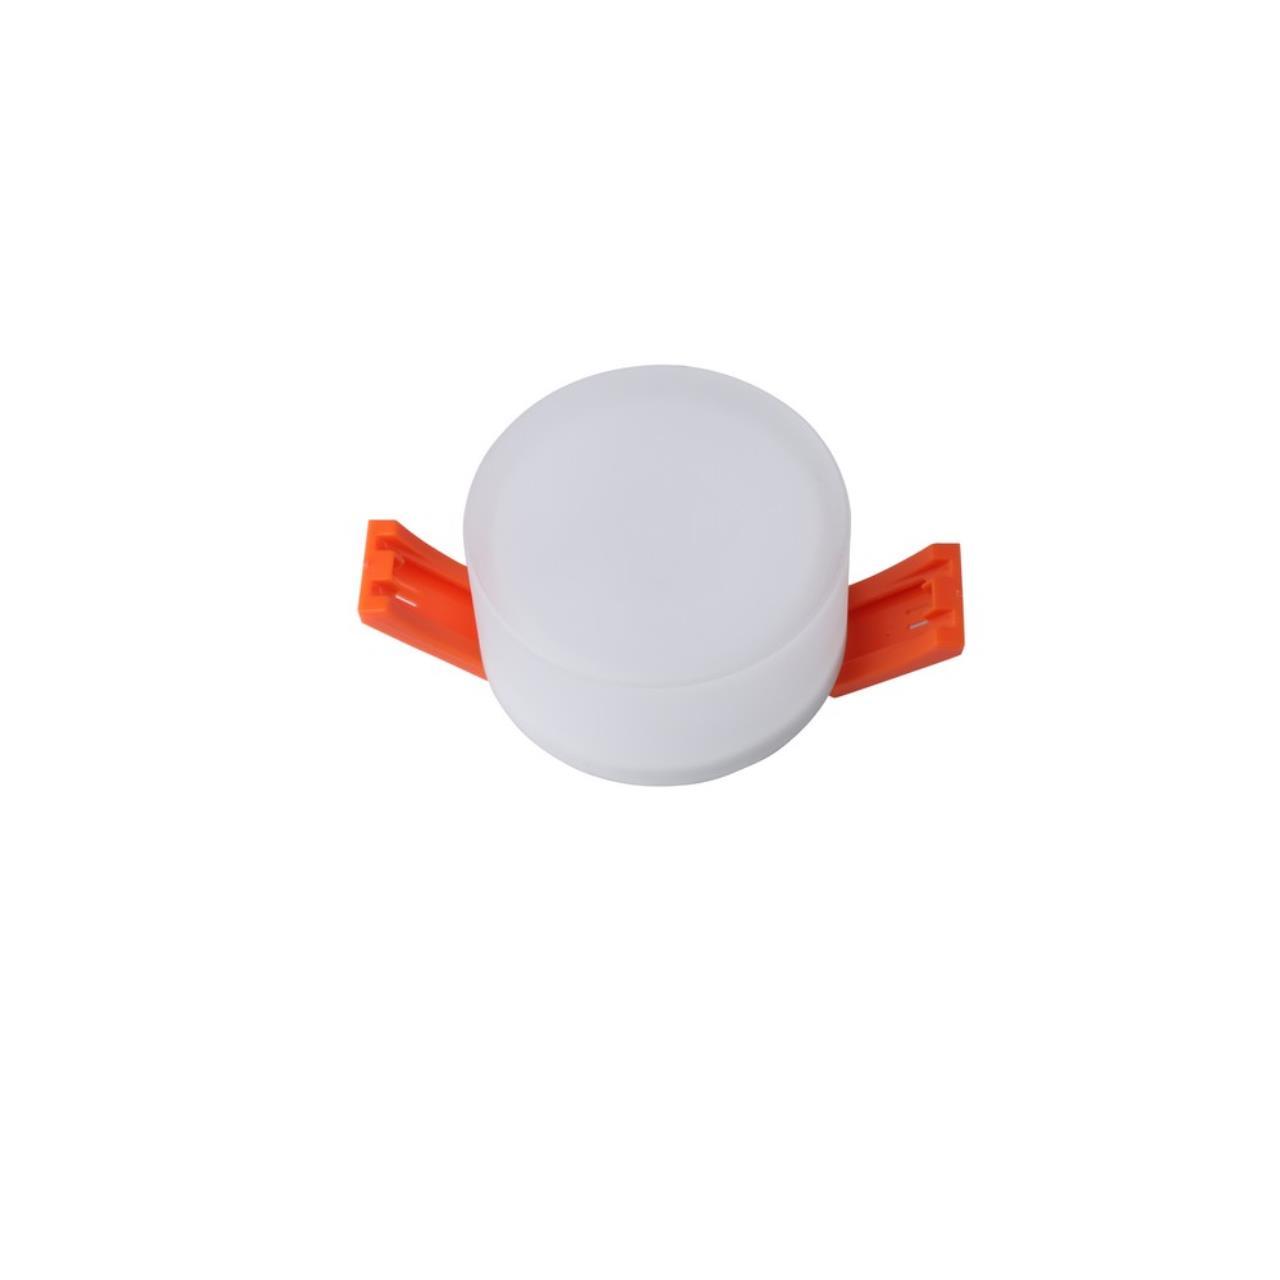 Встраиваемый-накладной светильник Aployt APL.0033.09.07